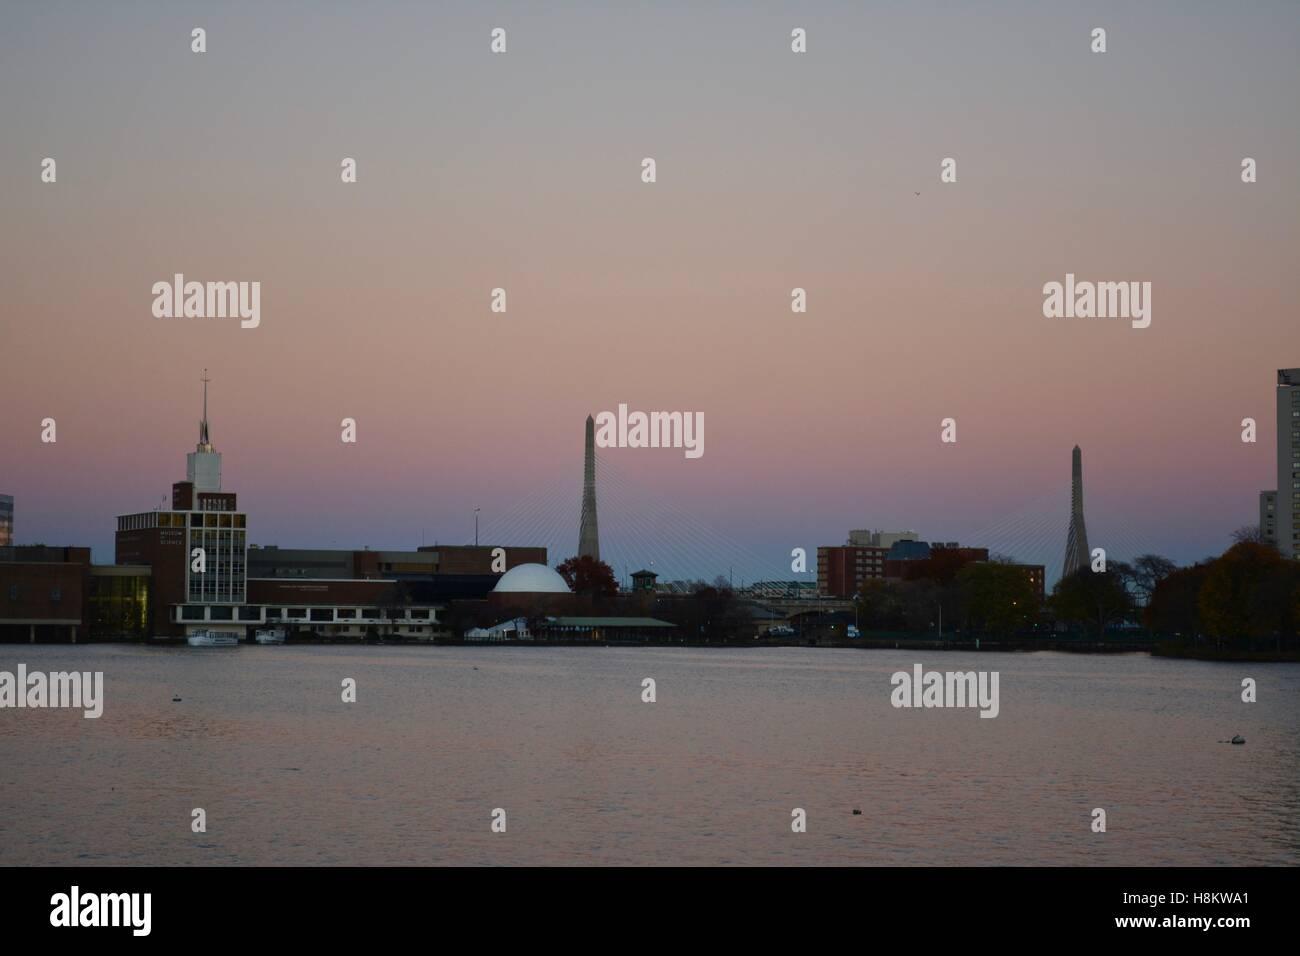 Une longue exposition de la Zakim Bunker Hill Memorial Bridge entre le centre-ville de Boston et Charlestown Massachusetts au coucher du soleil. Banque D'Images